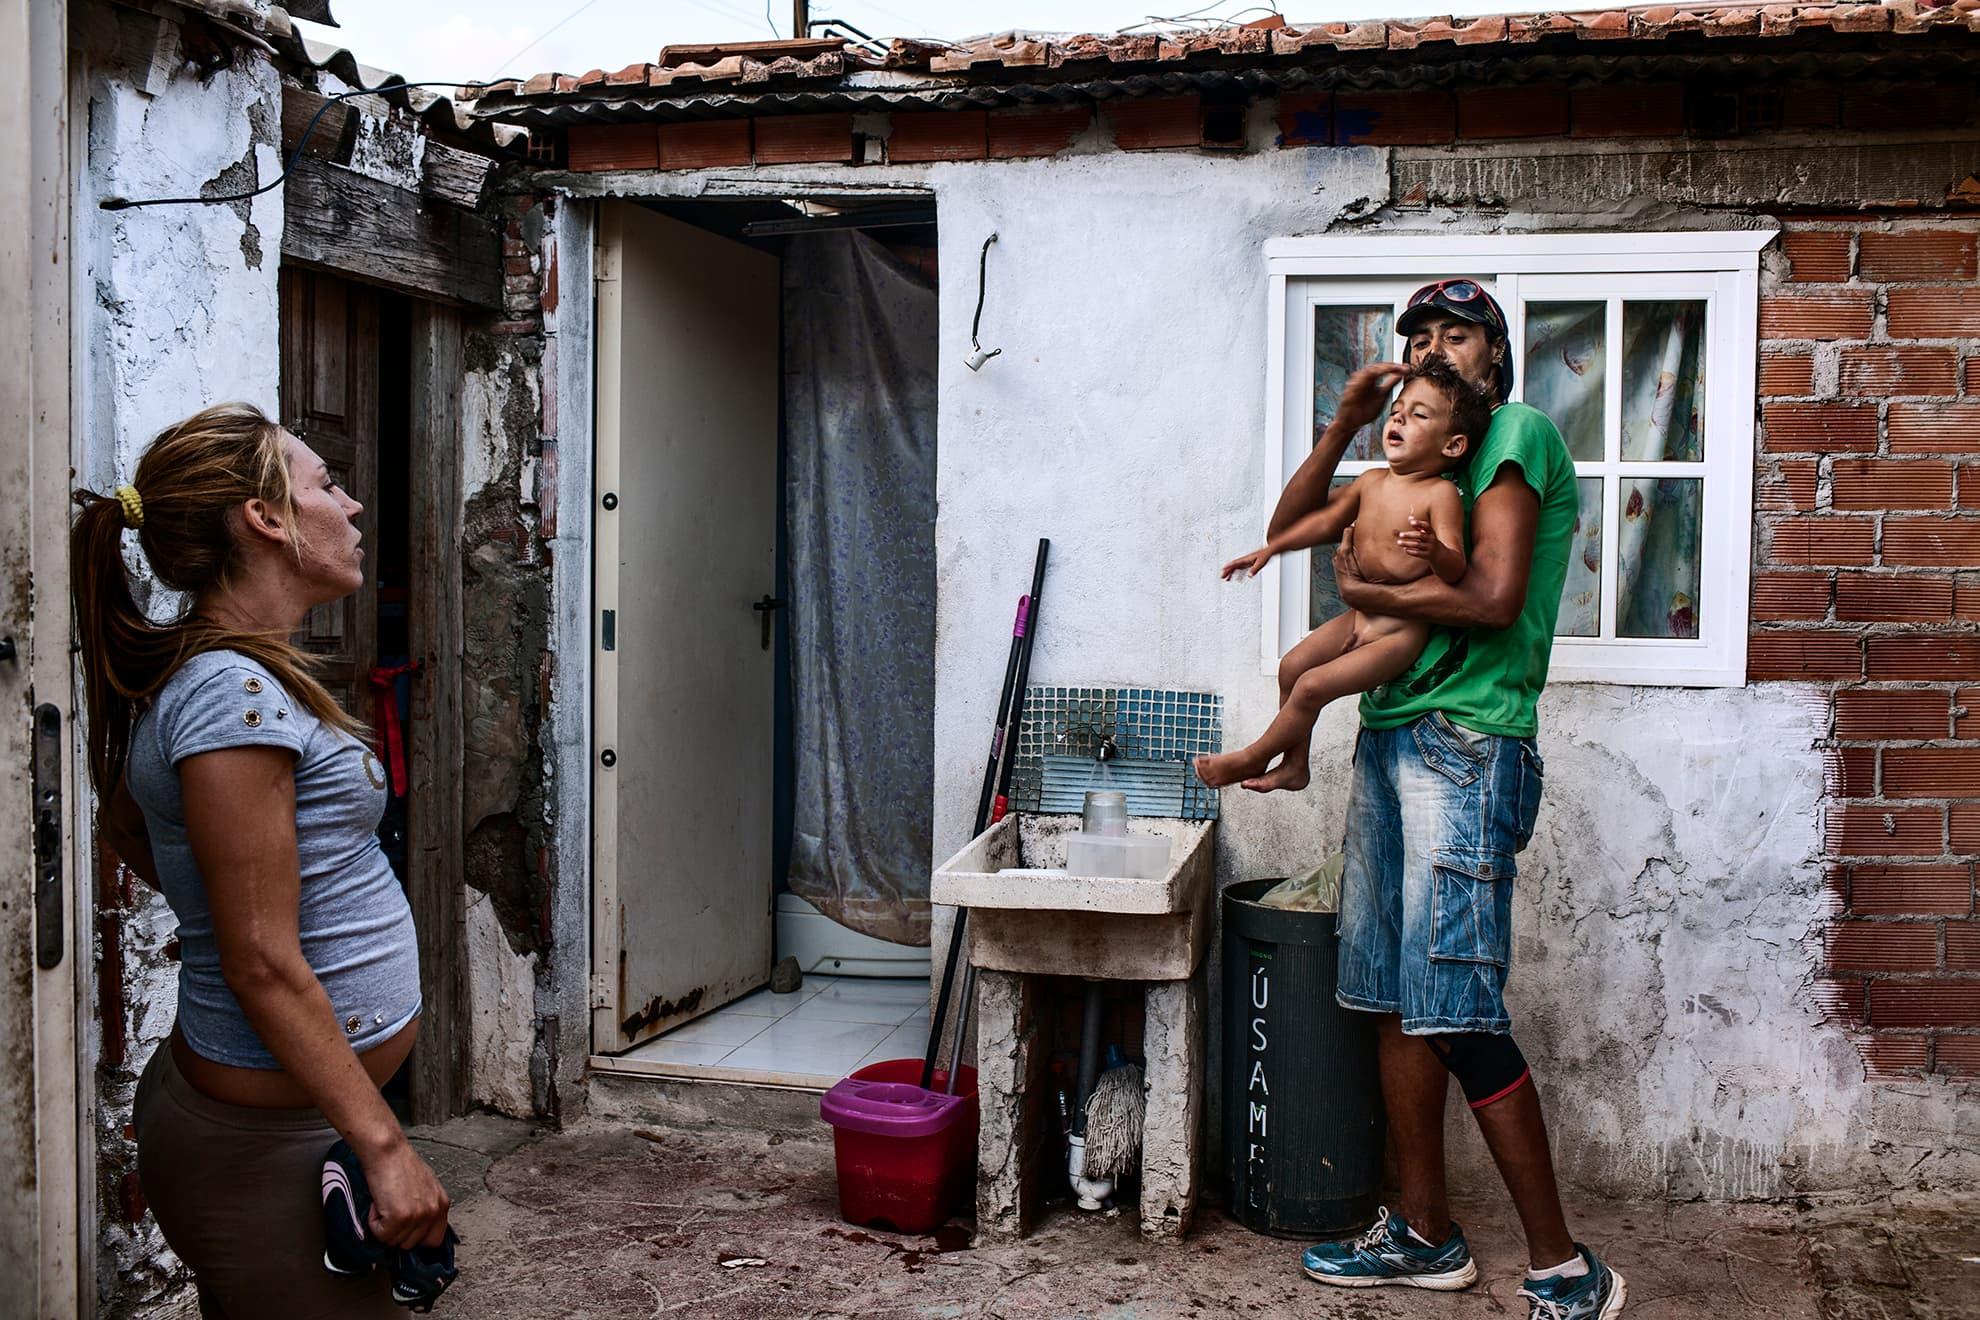 María observa mientras uno de los residentes de La Casa de la Buena Vida asea a Luis para salir a dar una vuelta a la Feria de Málaga. Luis, de 3 años, María y Mascota viven en una habitación pequeña de La Casa de la Buena Vida.